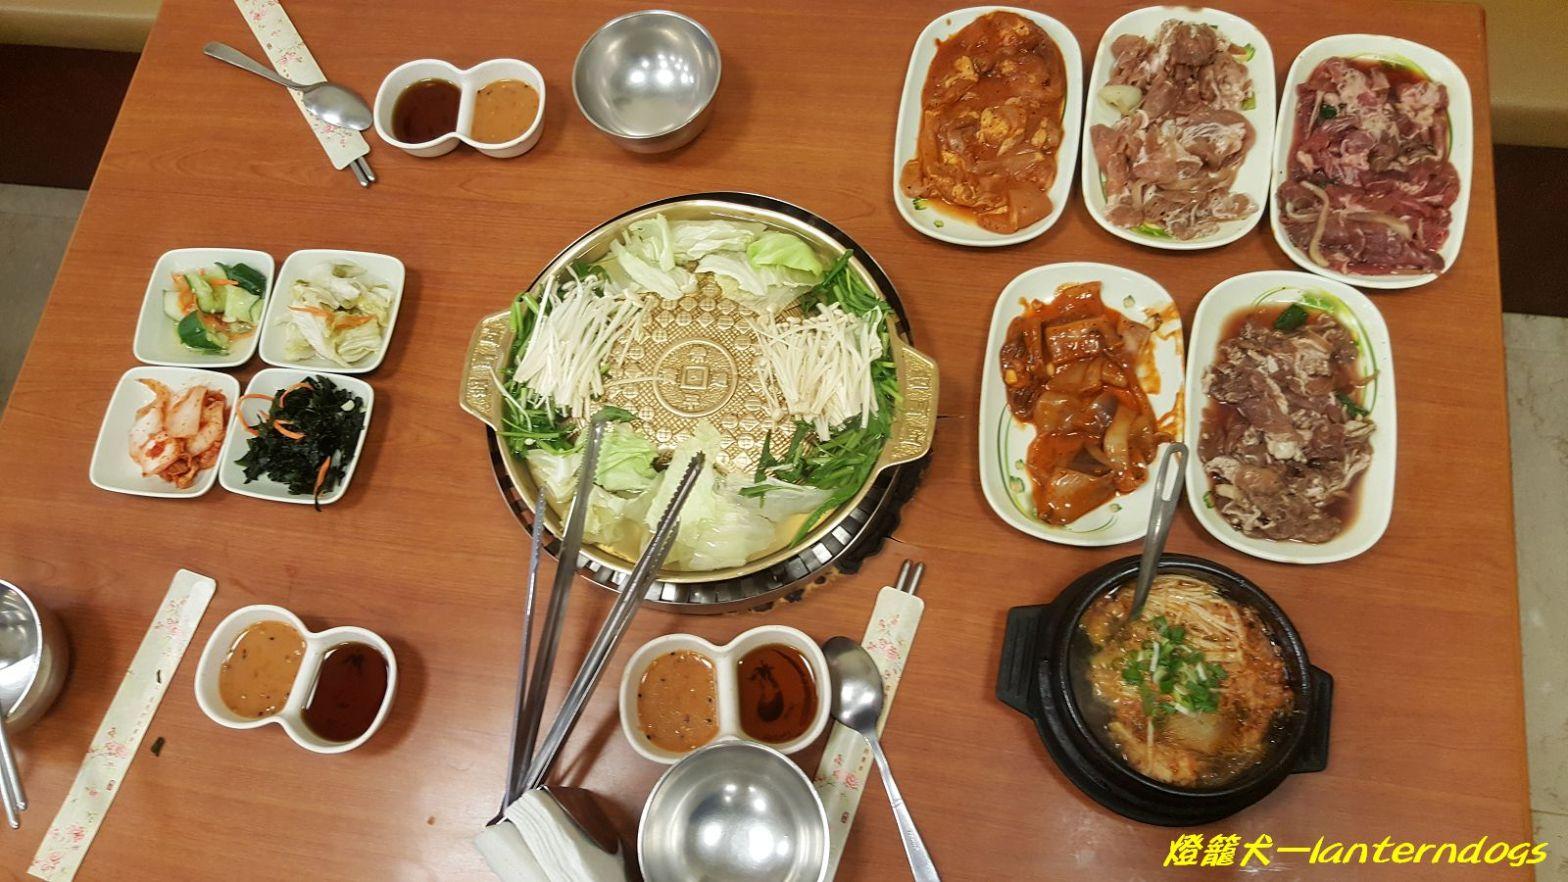 《臺中西區》 韓香亭韓國料理吃到飽 – 燈籠犬的平凡日常